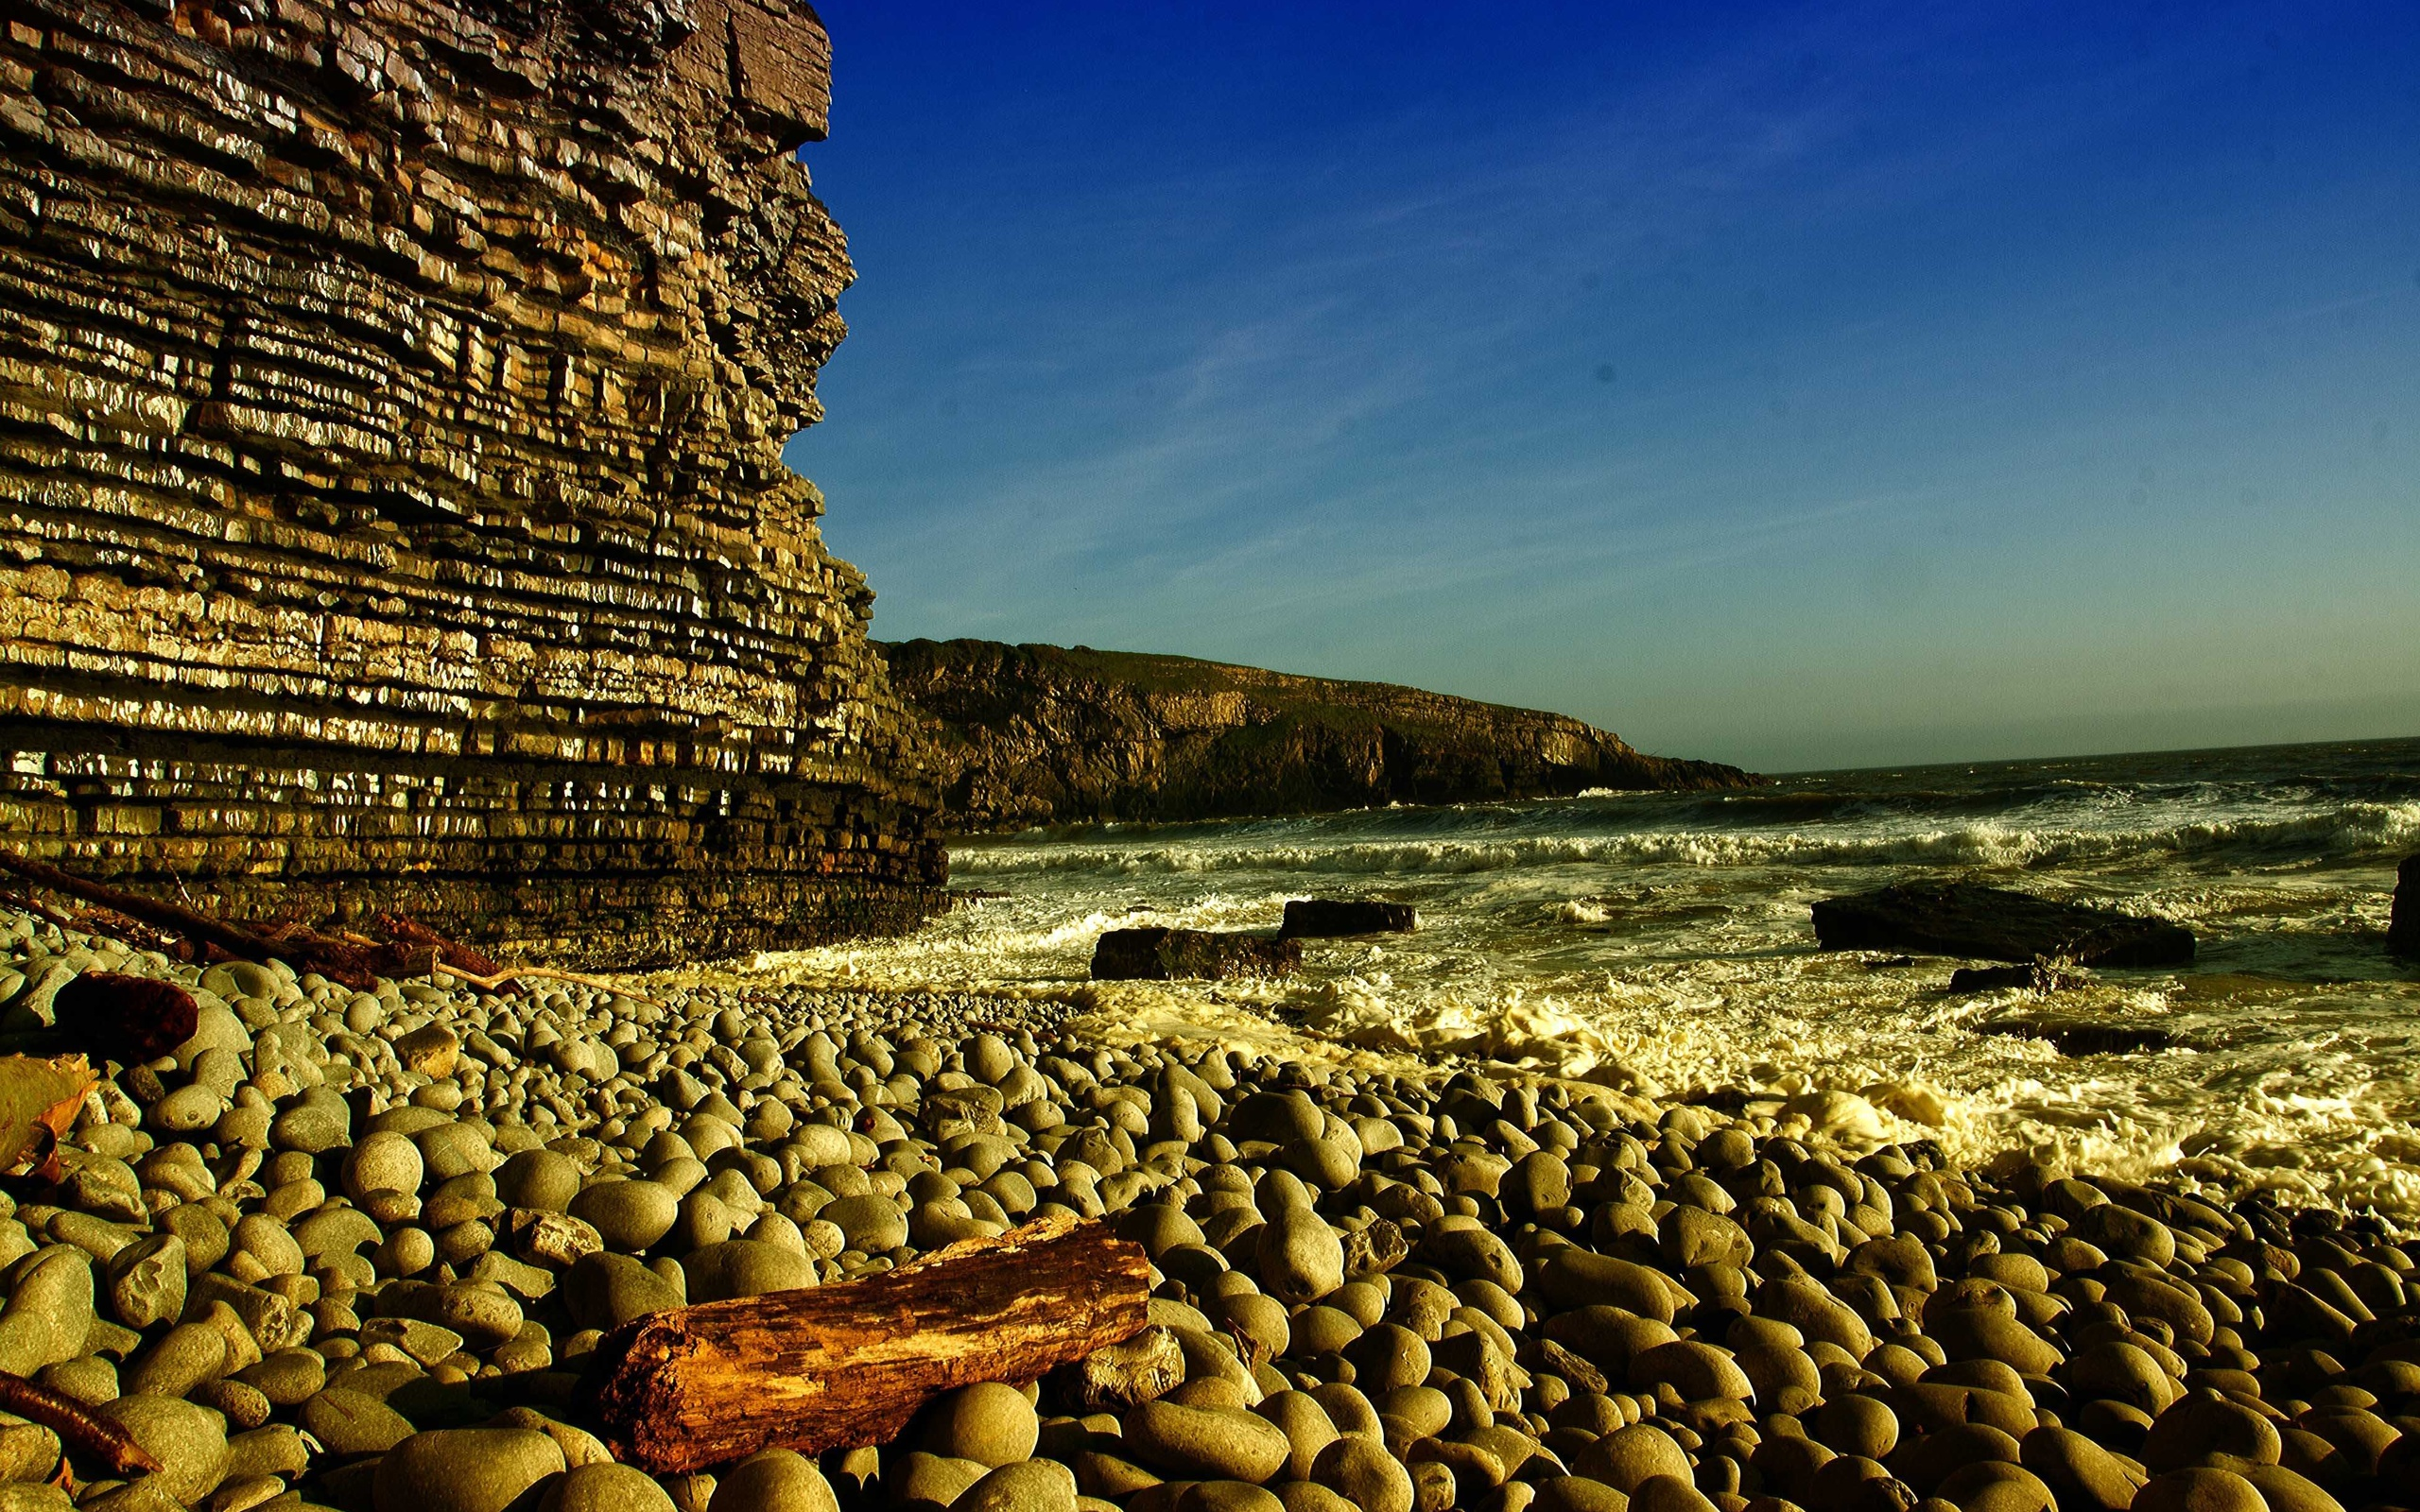 скала море камни rock sea stones  № 45314 бесплатно